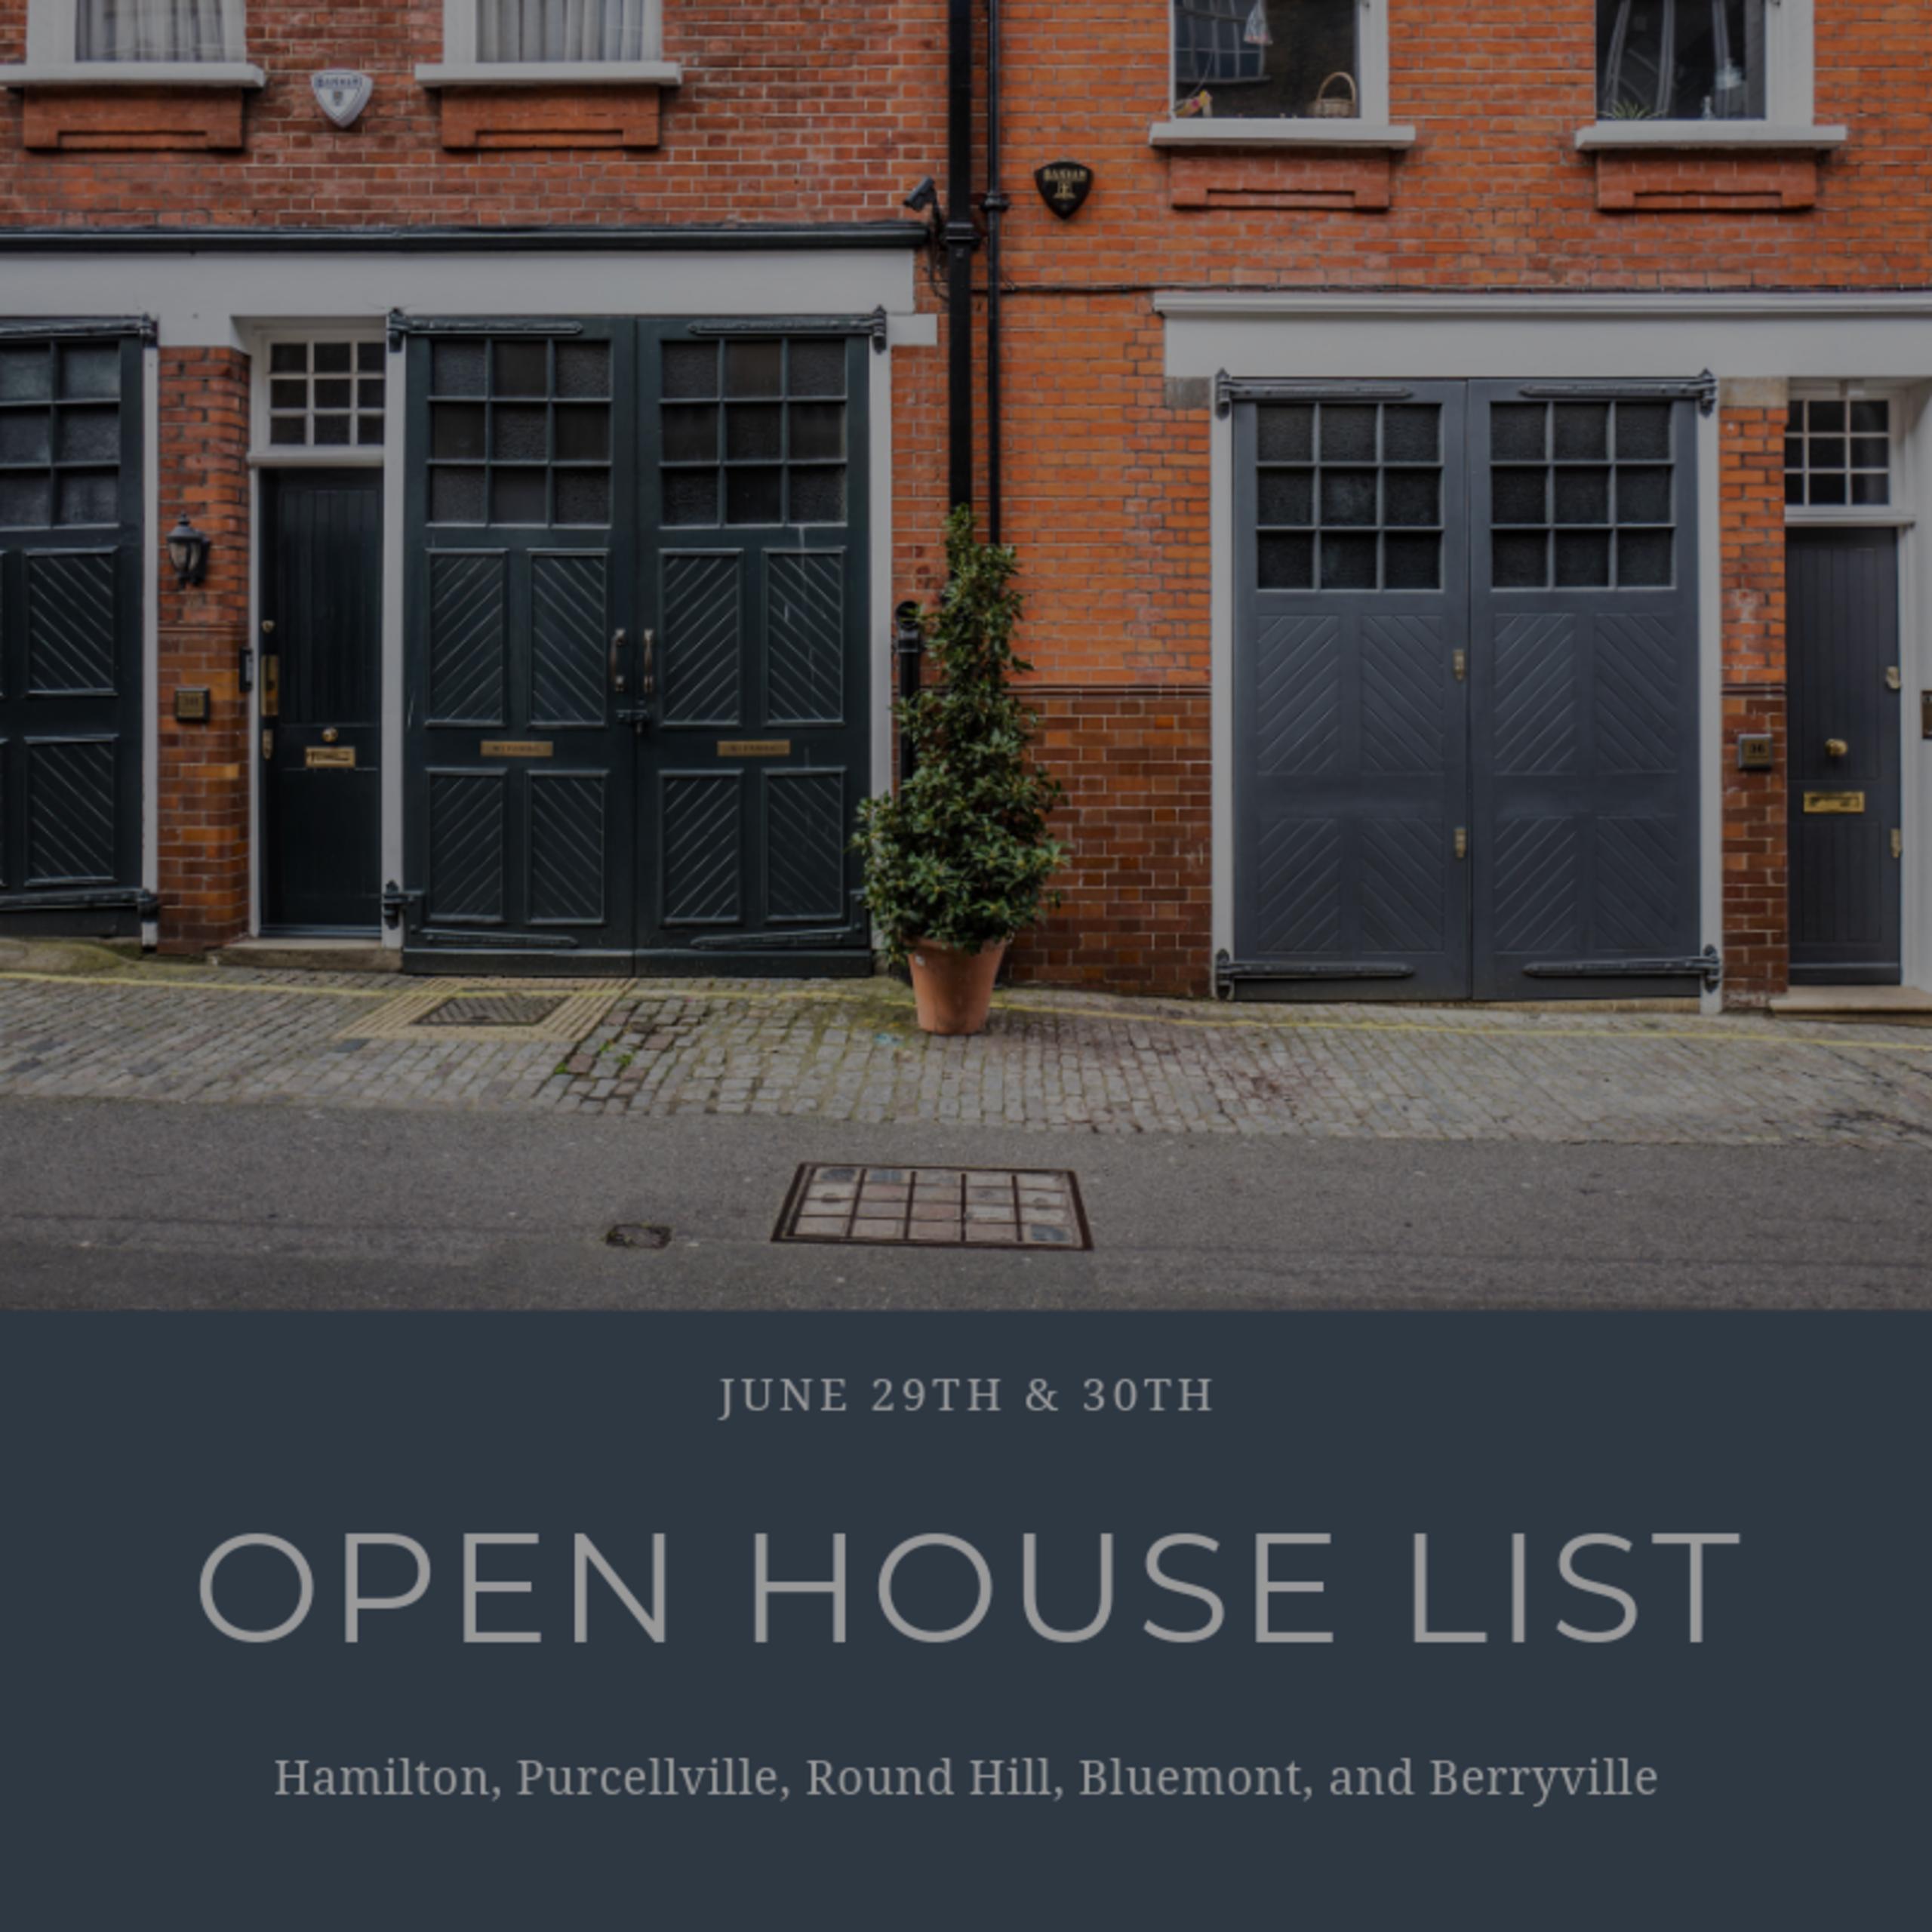 Open House Schedule 6/29/19 – 6/30/19